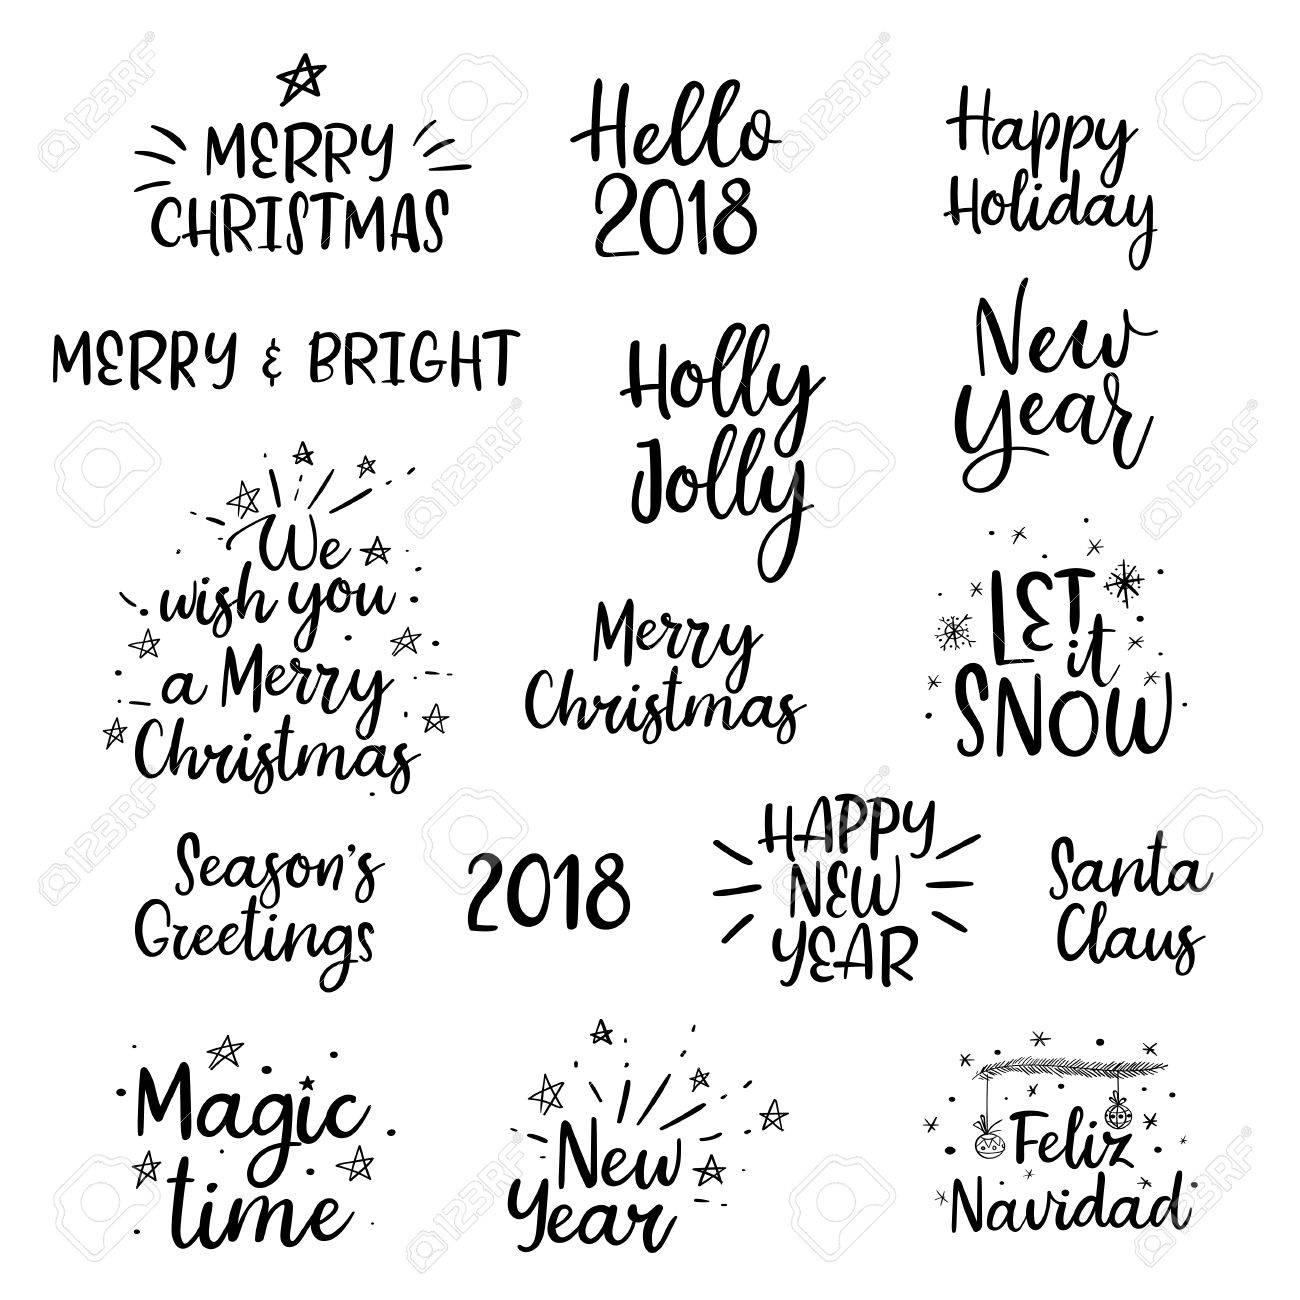 メリー クリスマス、幸せな新しい年 2018 手書きを設定します。書道。